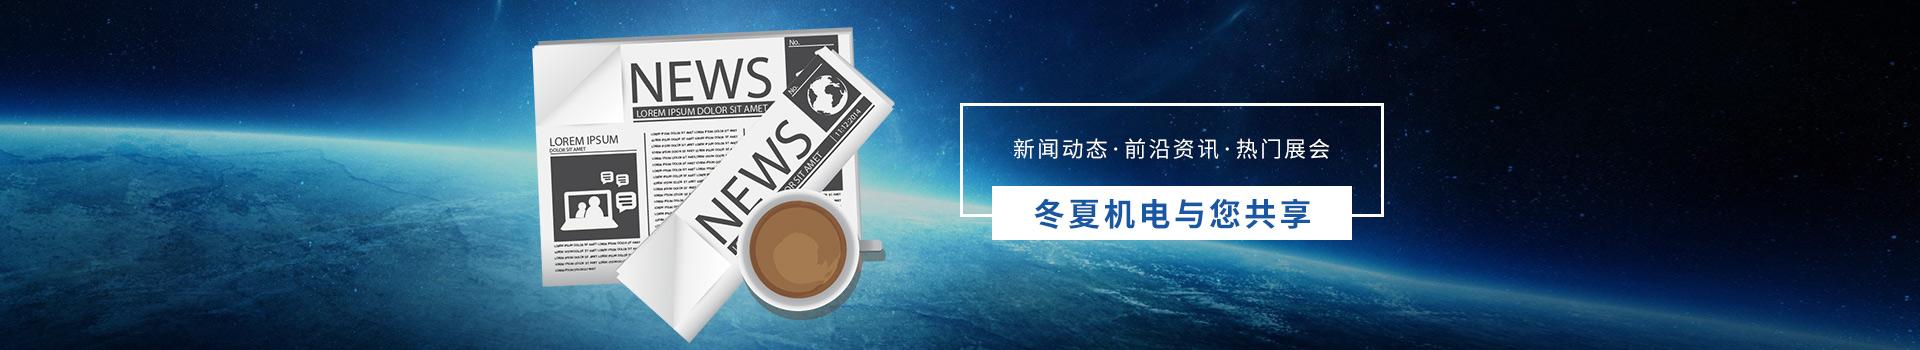 新闻动态  前沿资讯  热门展会   冬夏机电与您共享